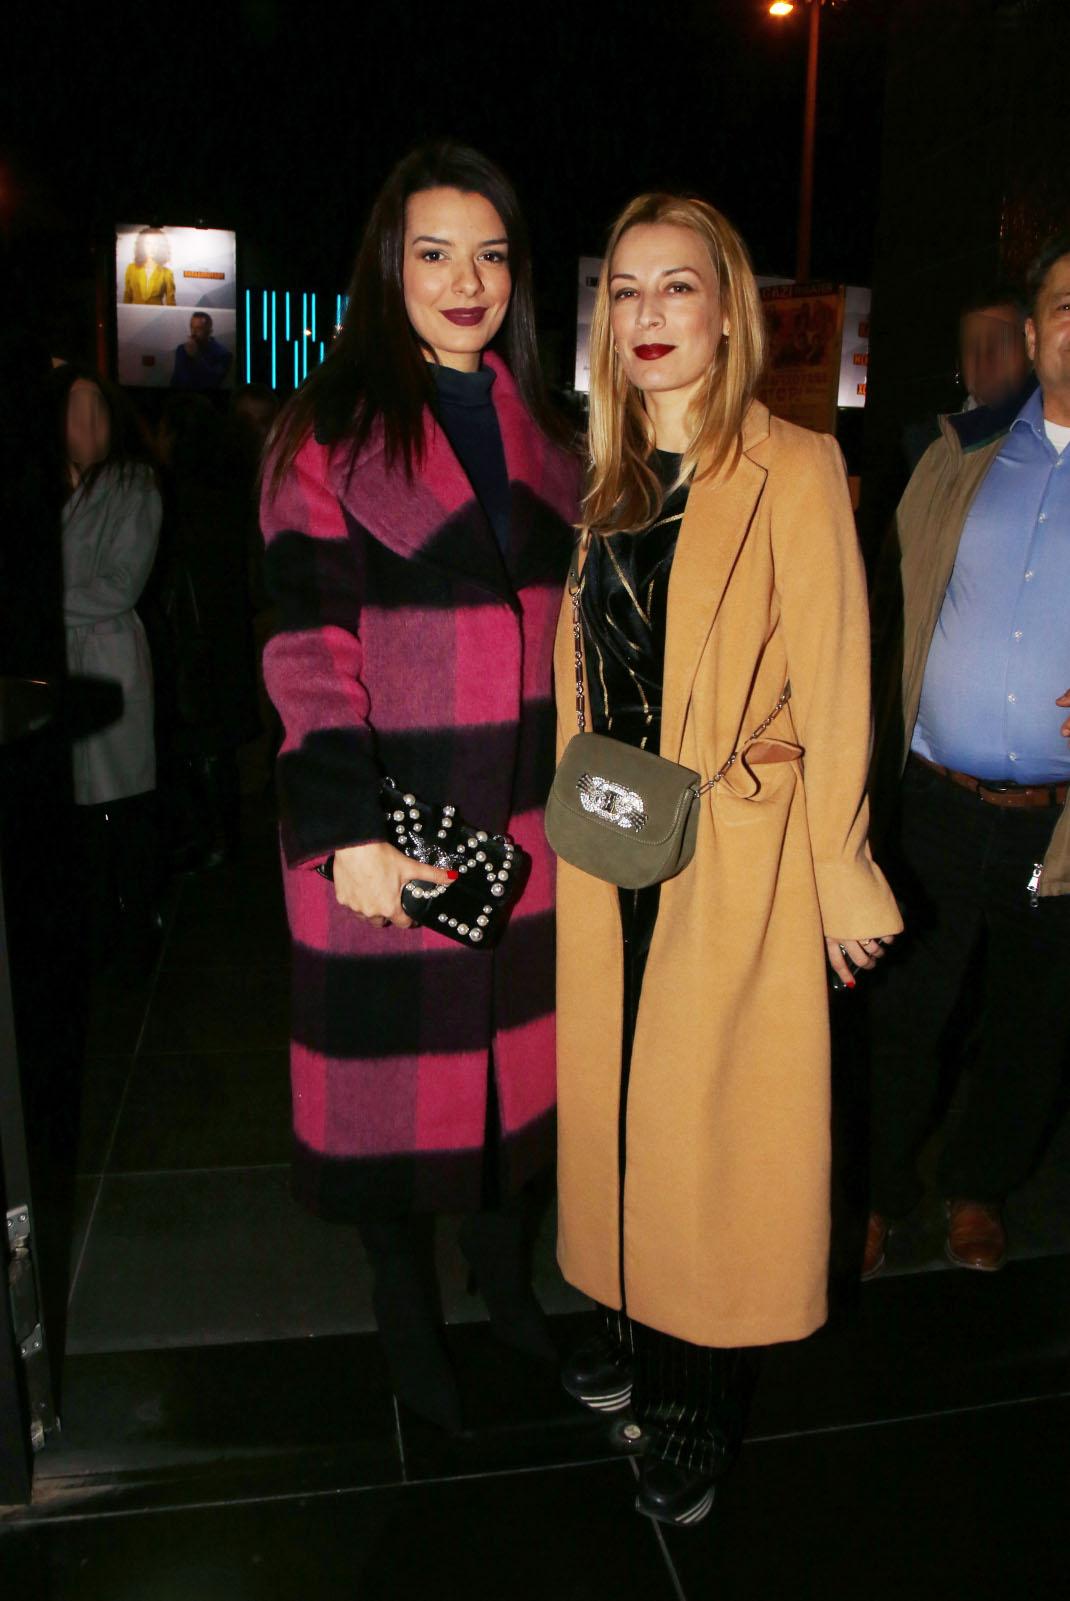 Νικολέτα Ράλλη με την αδελφή της, Μαρία